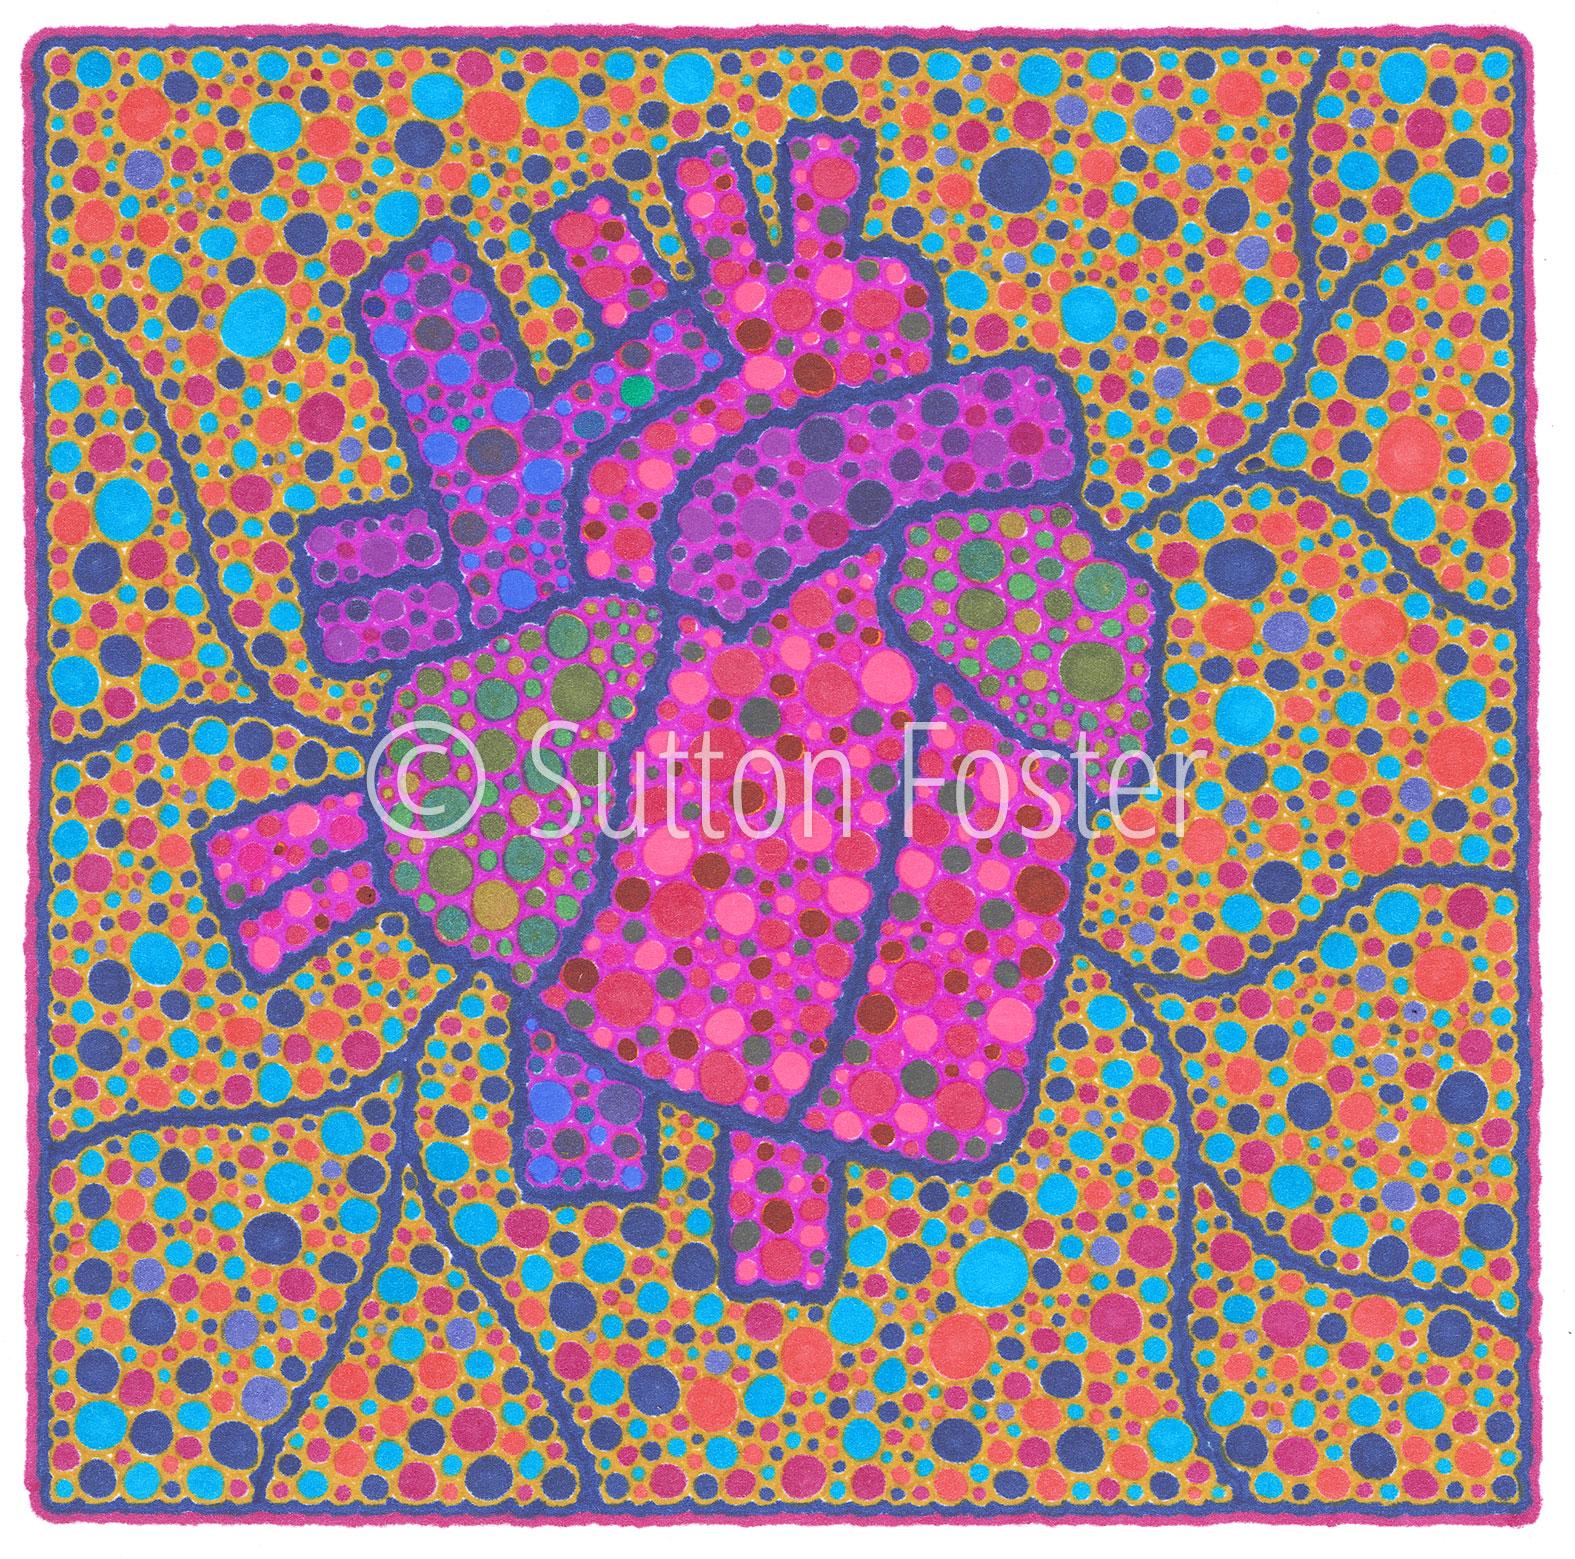 Heart-c-Sutton-Foster